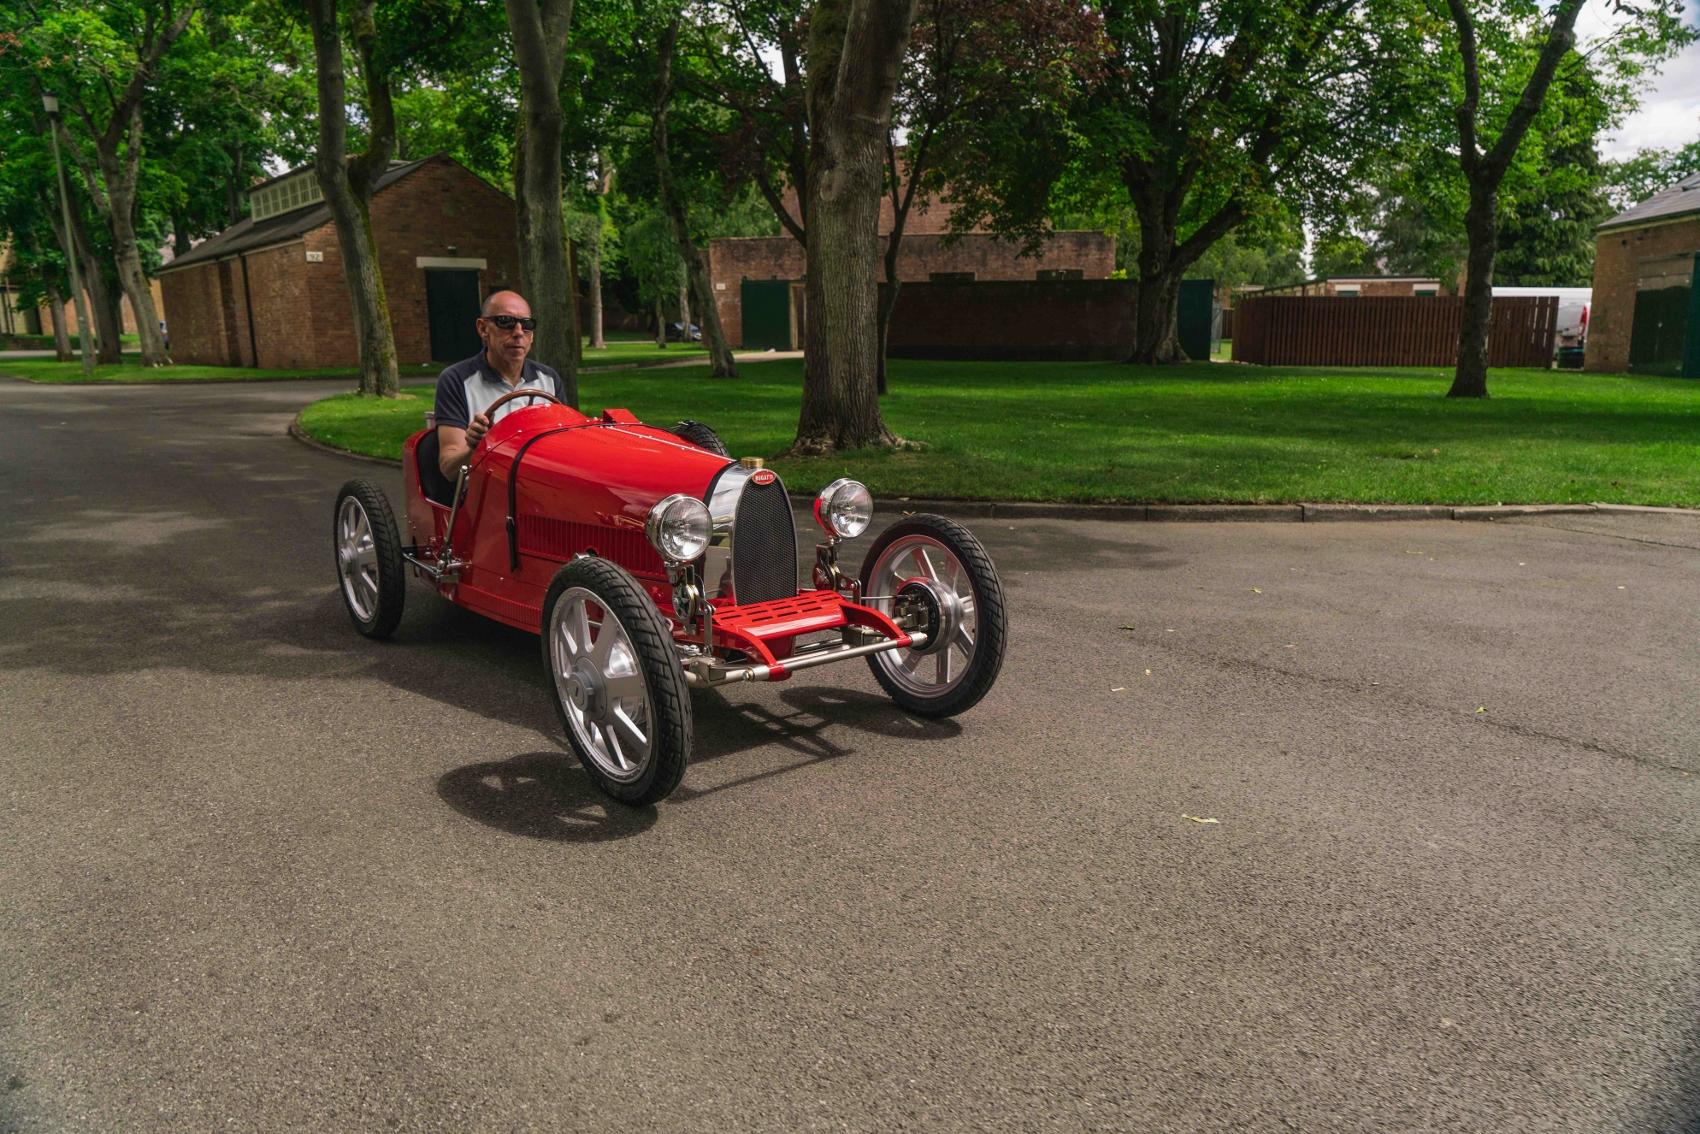 Baby Bugatti II prichádza. Hračka pre veľkých aj malých je drahá ako veľké SUV